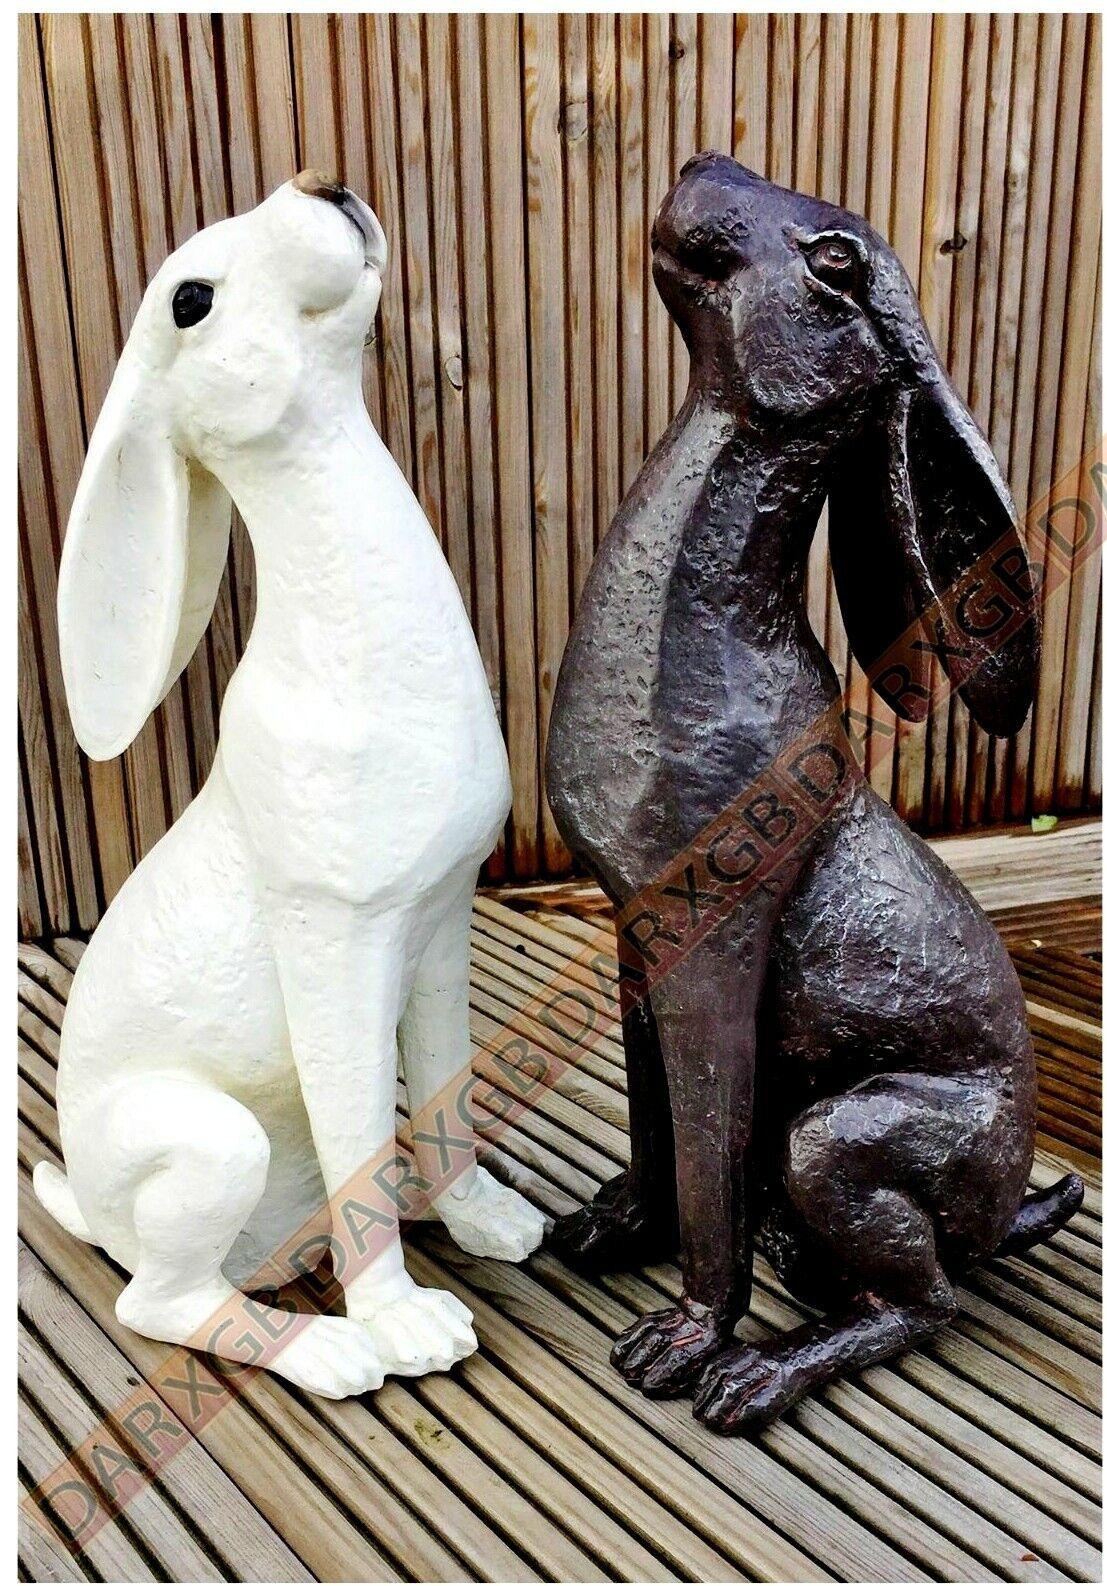 Luna mirando Liebre Conejo Decoración De Jardín escultura Resina Nueva estatua al aire libre de Decoración